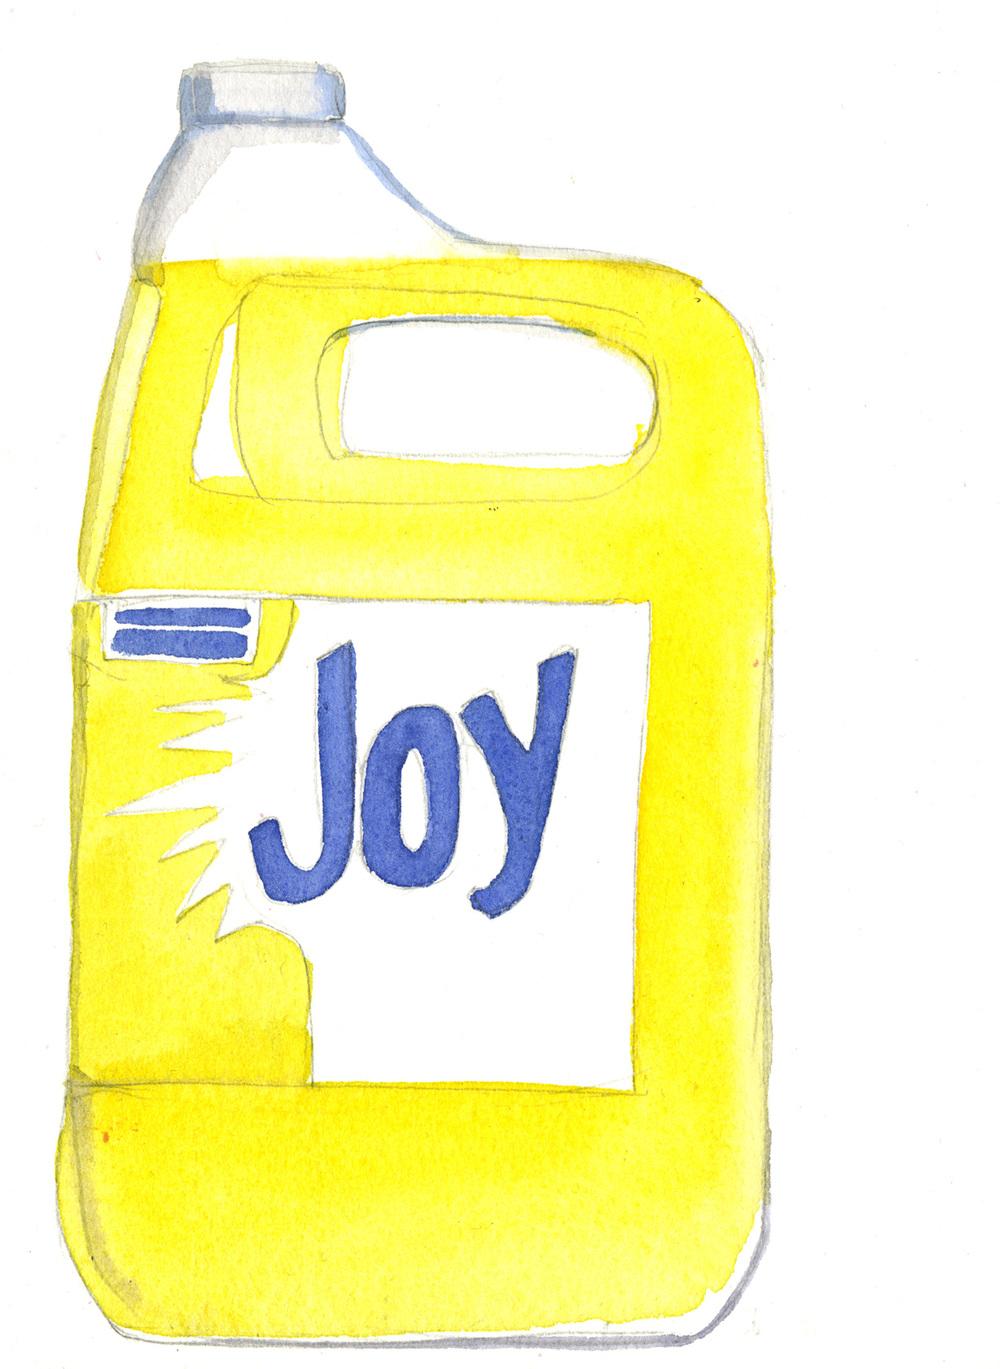 Joy, 2014